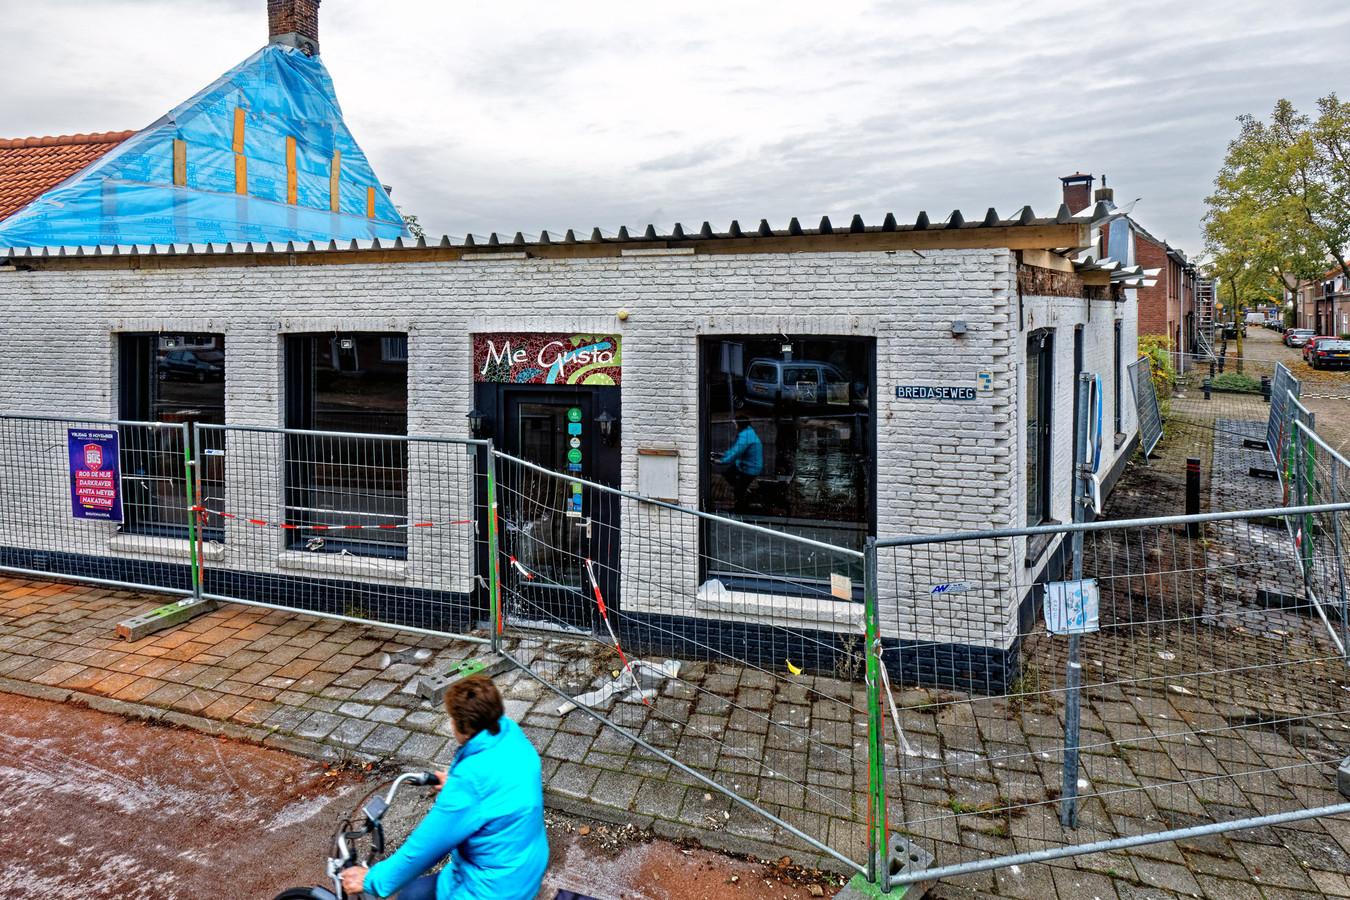 OOSTERHOUT - Restaurant Me Gusta in Oosterhout werd in juli  dit jaar deels door brand verwoest. Ondertussen is de bovenverdieping van het pand verwijderd als onderdeel van de herbouw.